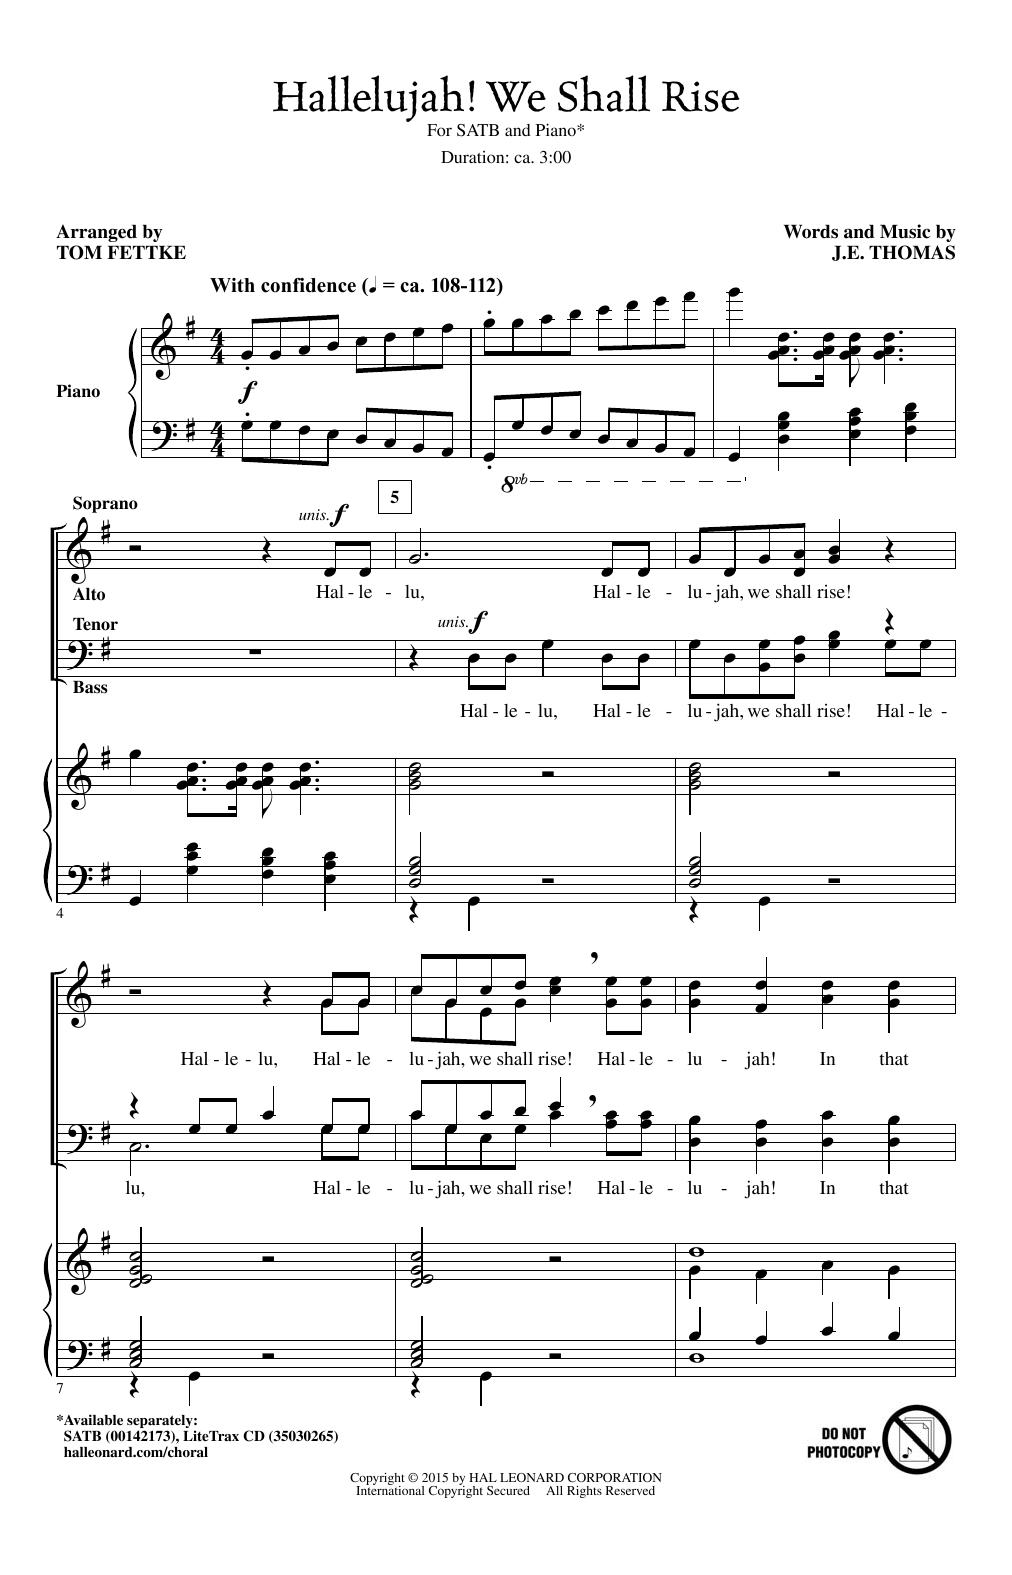 praise my soul the king of heaven sheet music pdf